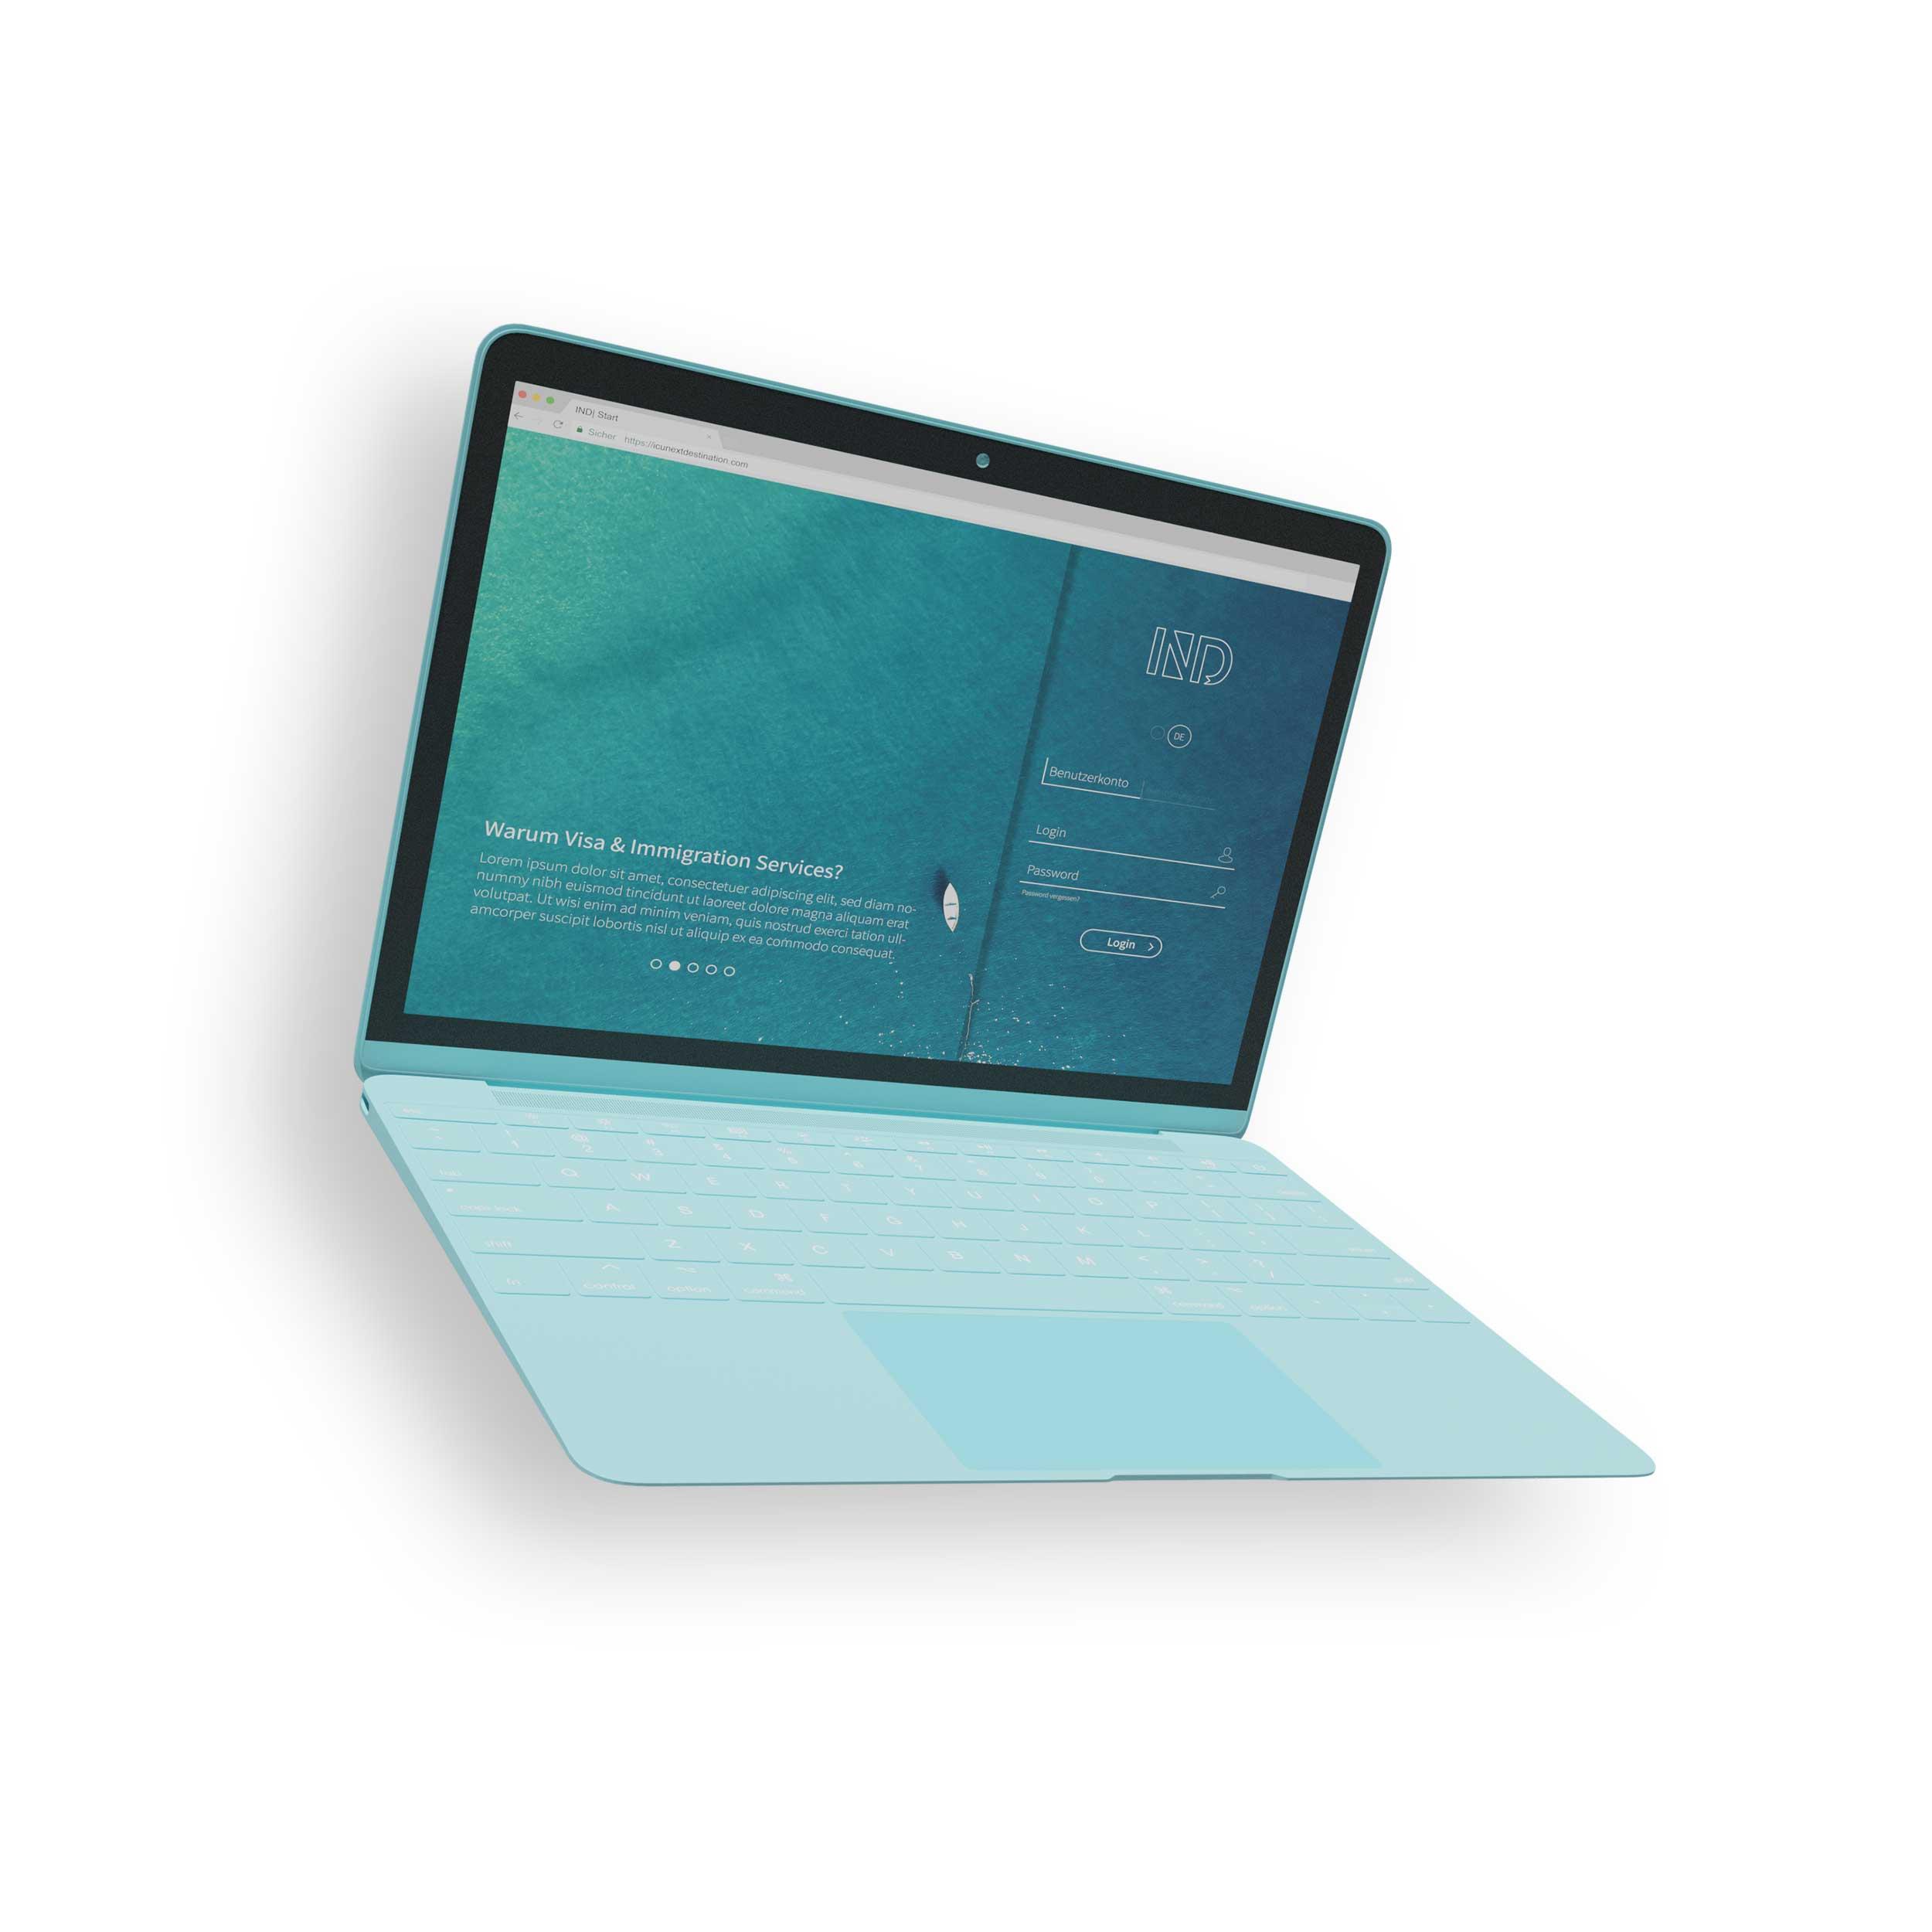 Türkisfarbener Laptop mit IND Homepage